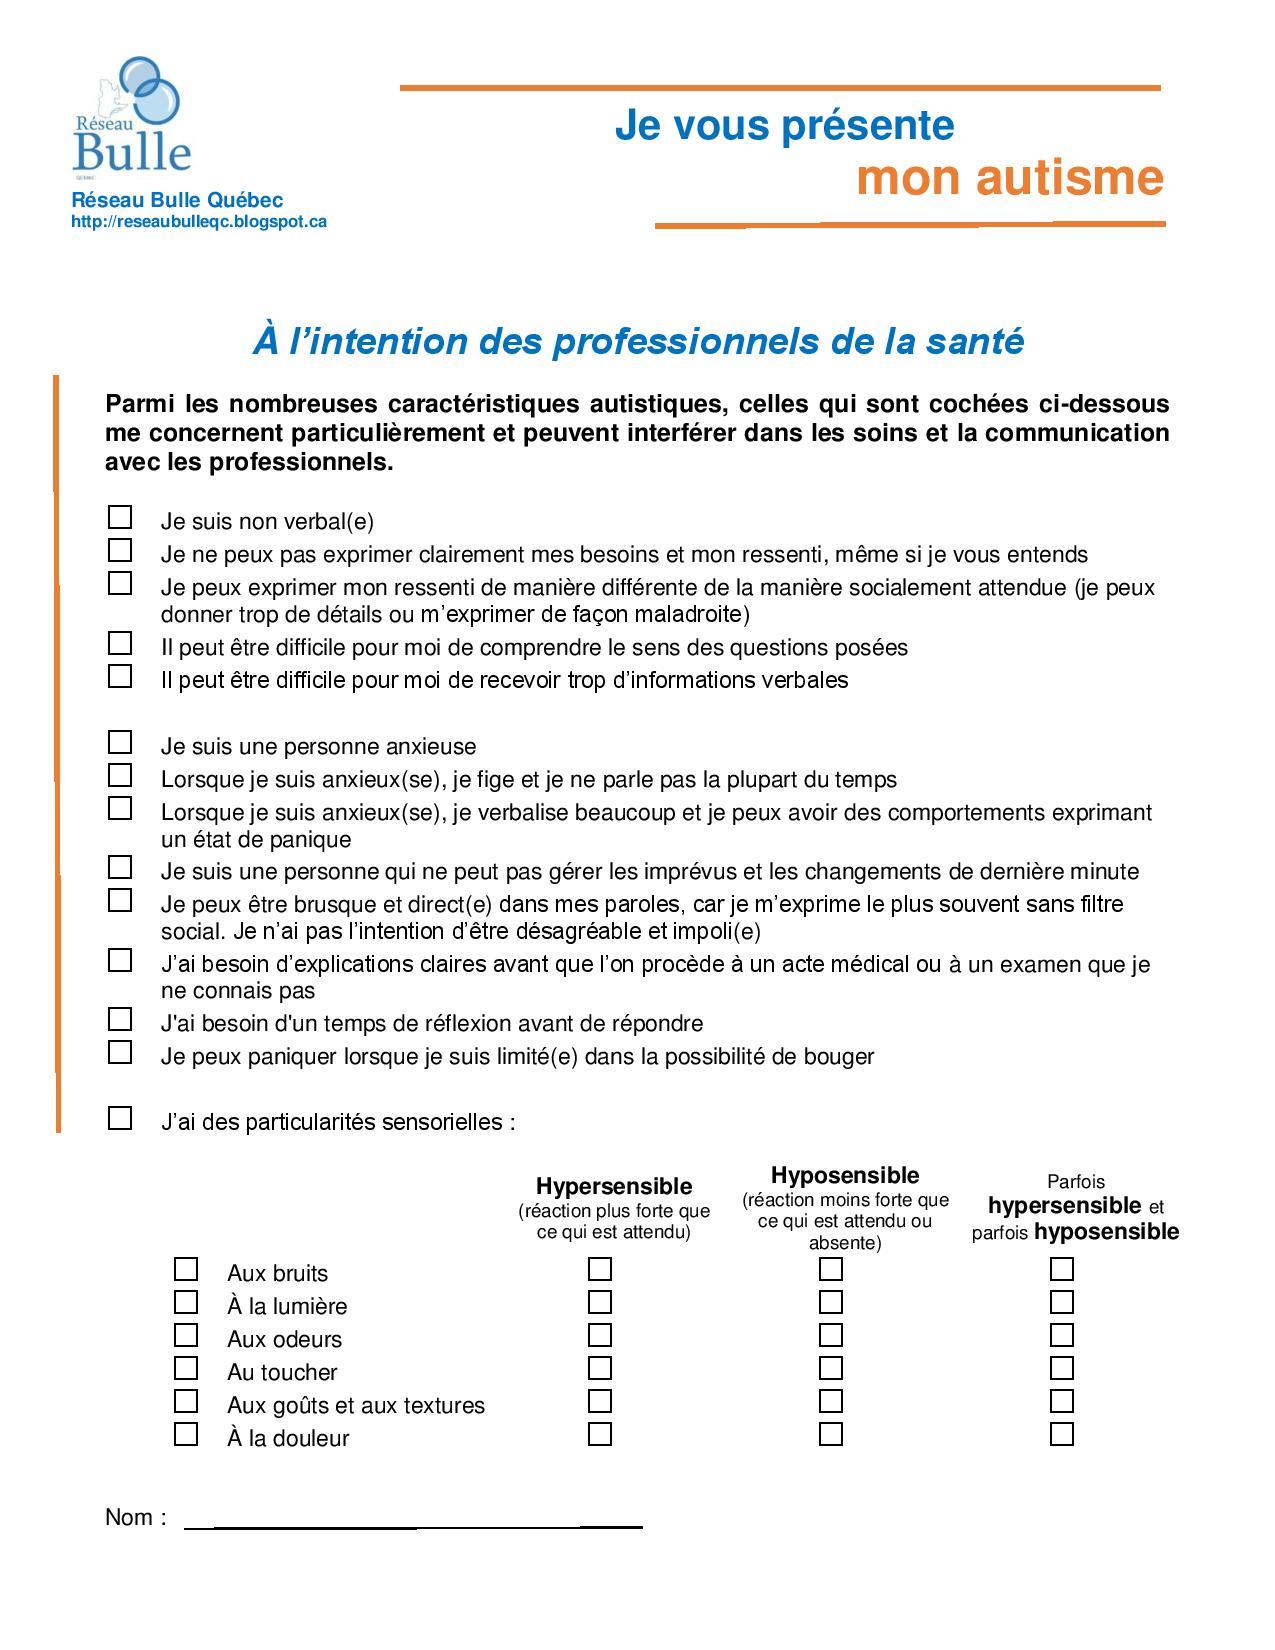 je-vous-pre_sente-mon-autisme-2-page-001